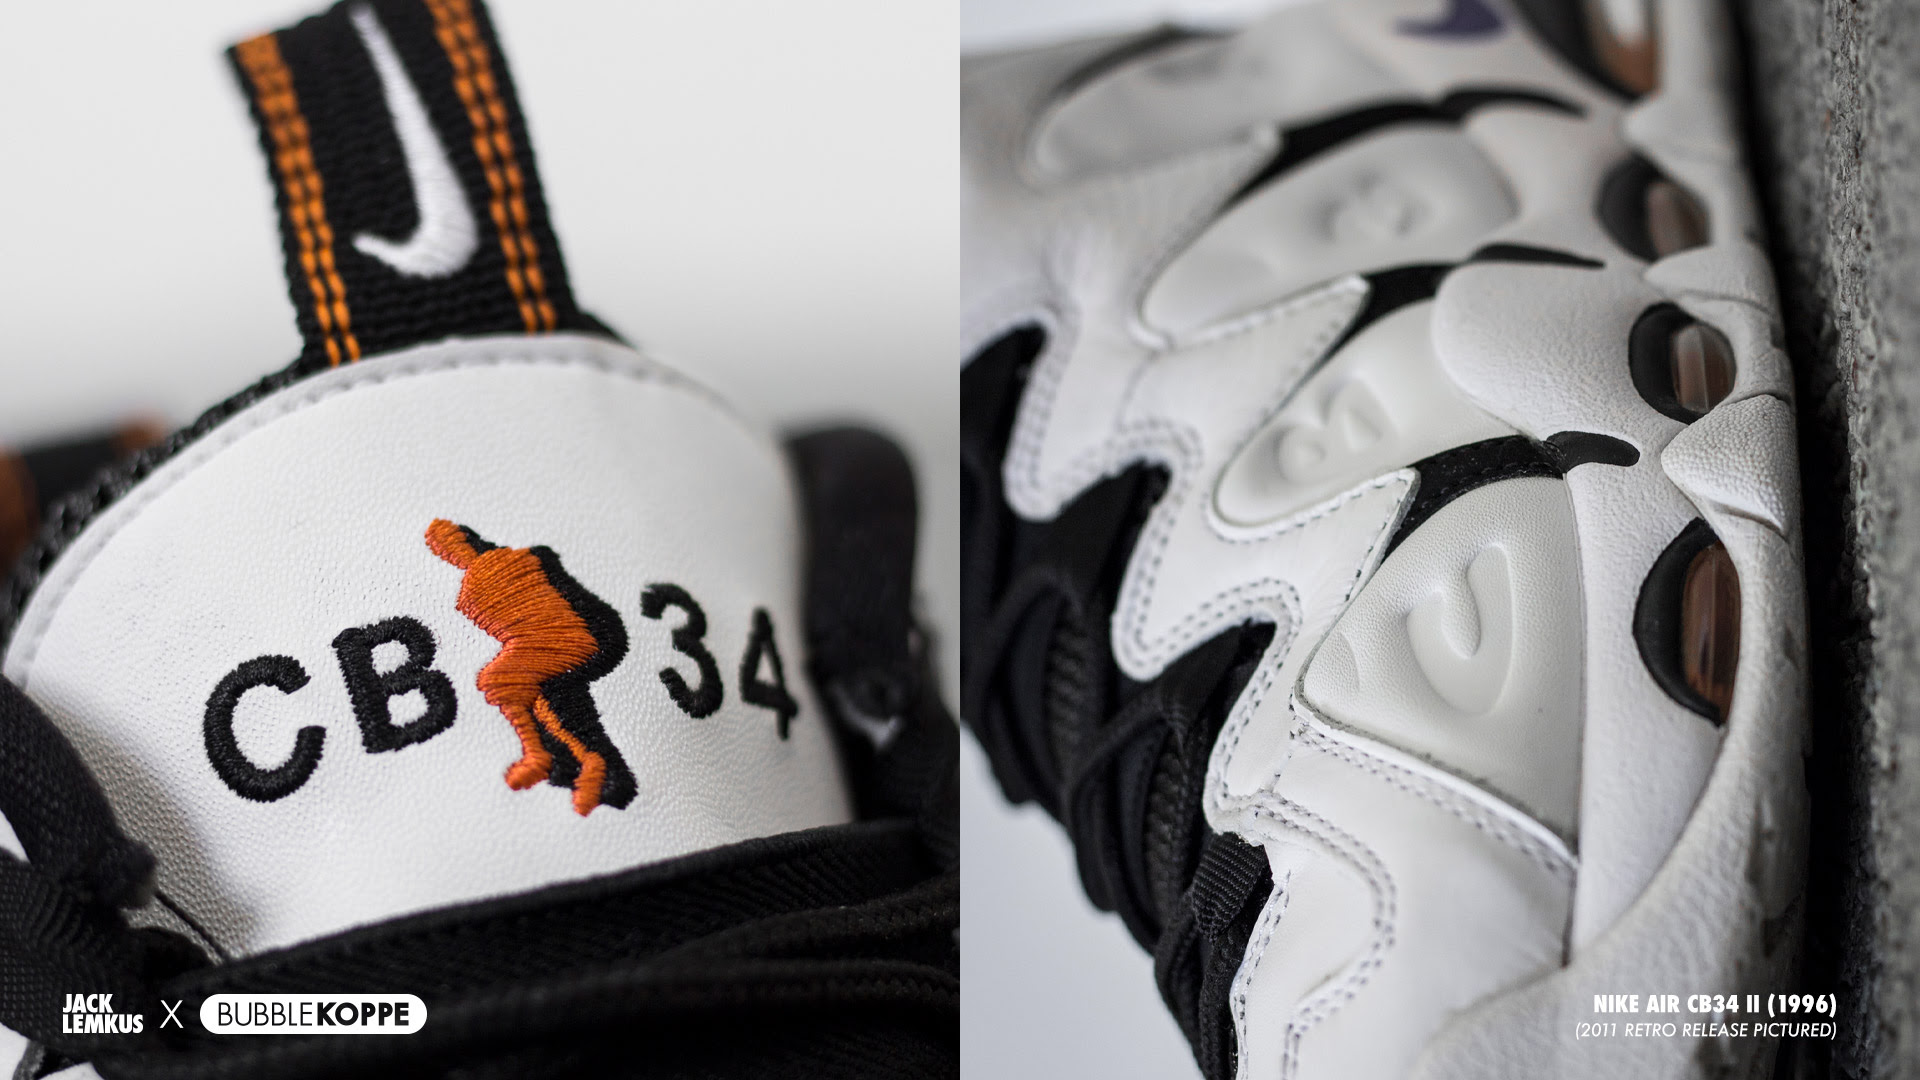 Jack Lemkus x Bubble Koppe presents: VAULT ACCESS - Cape Town's Most Popular Nike's: Part 1